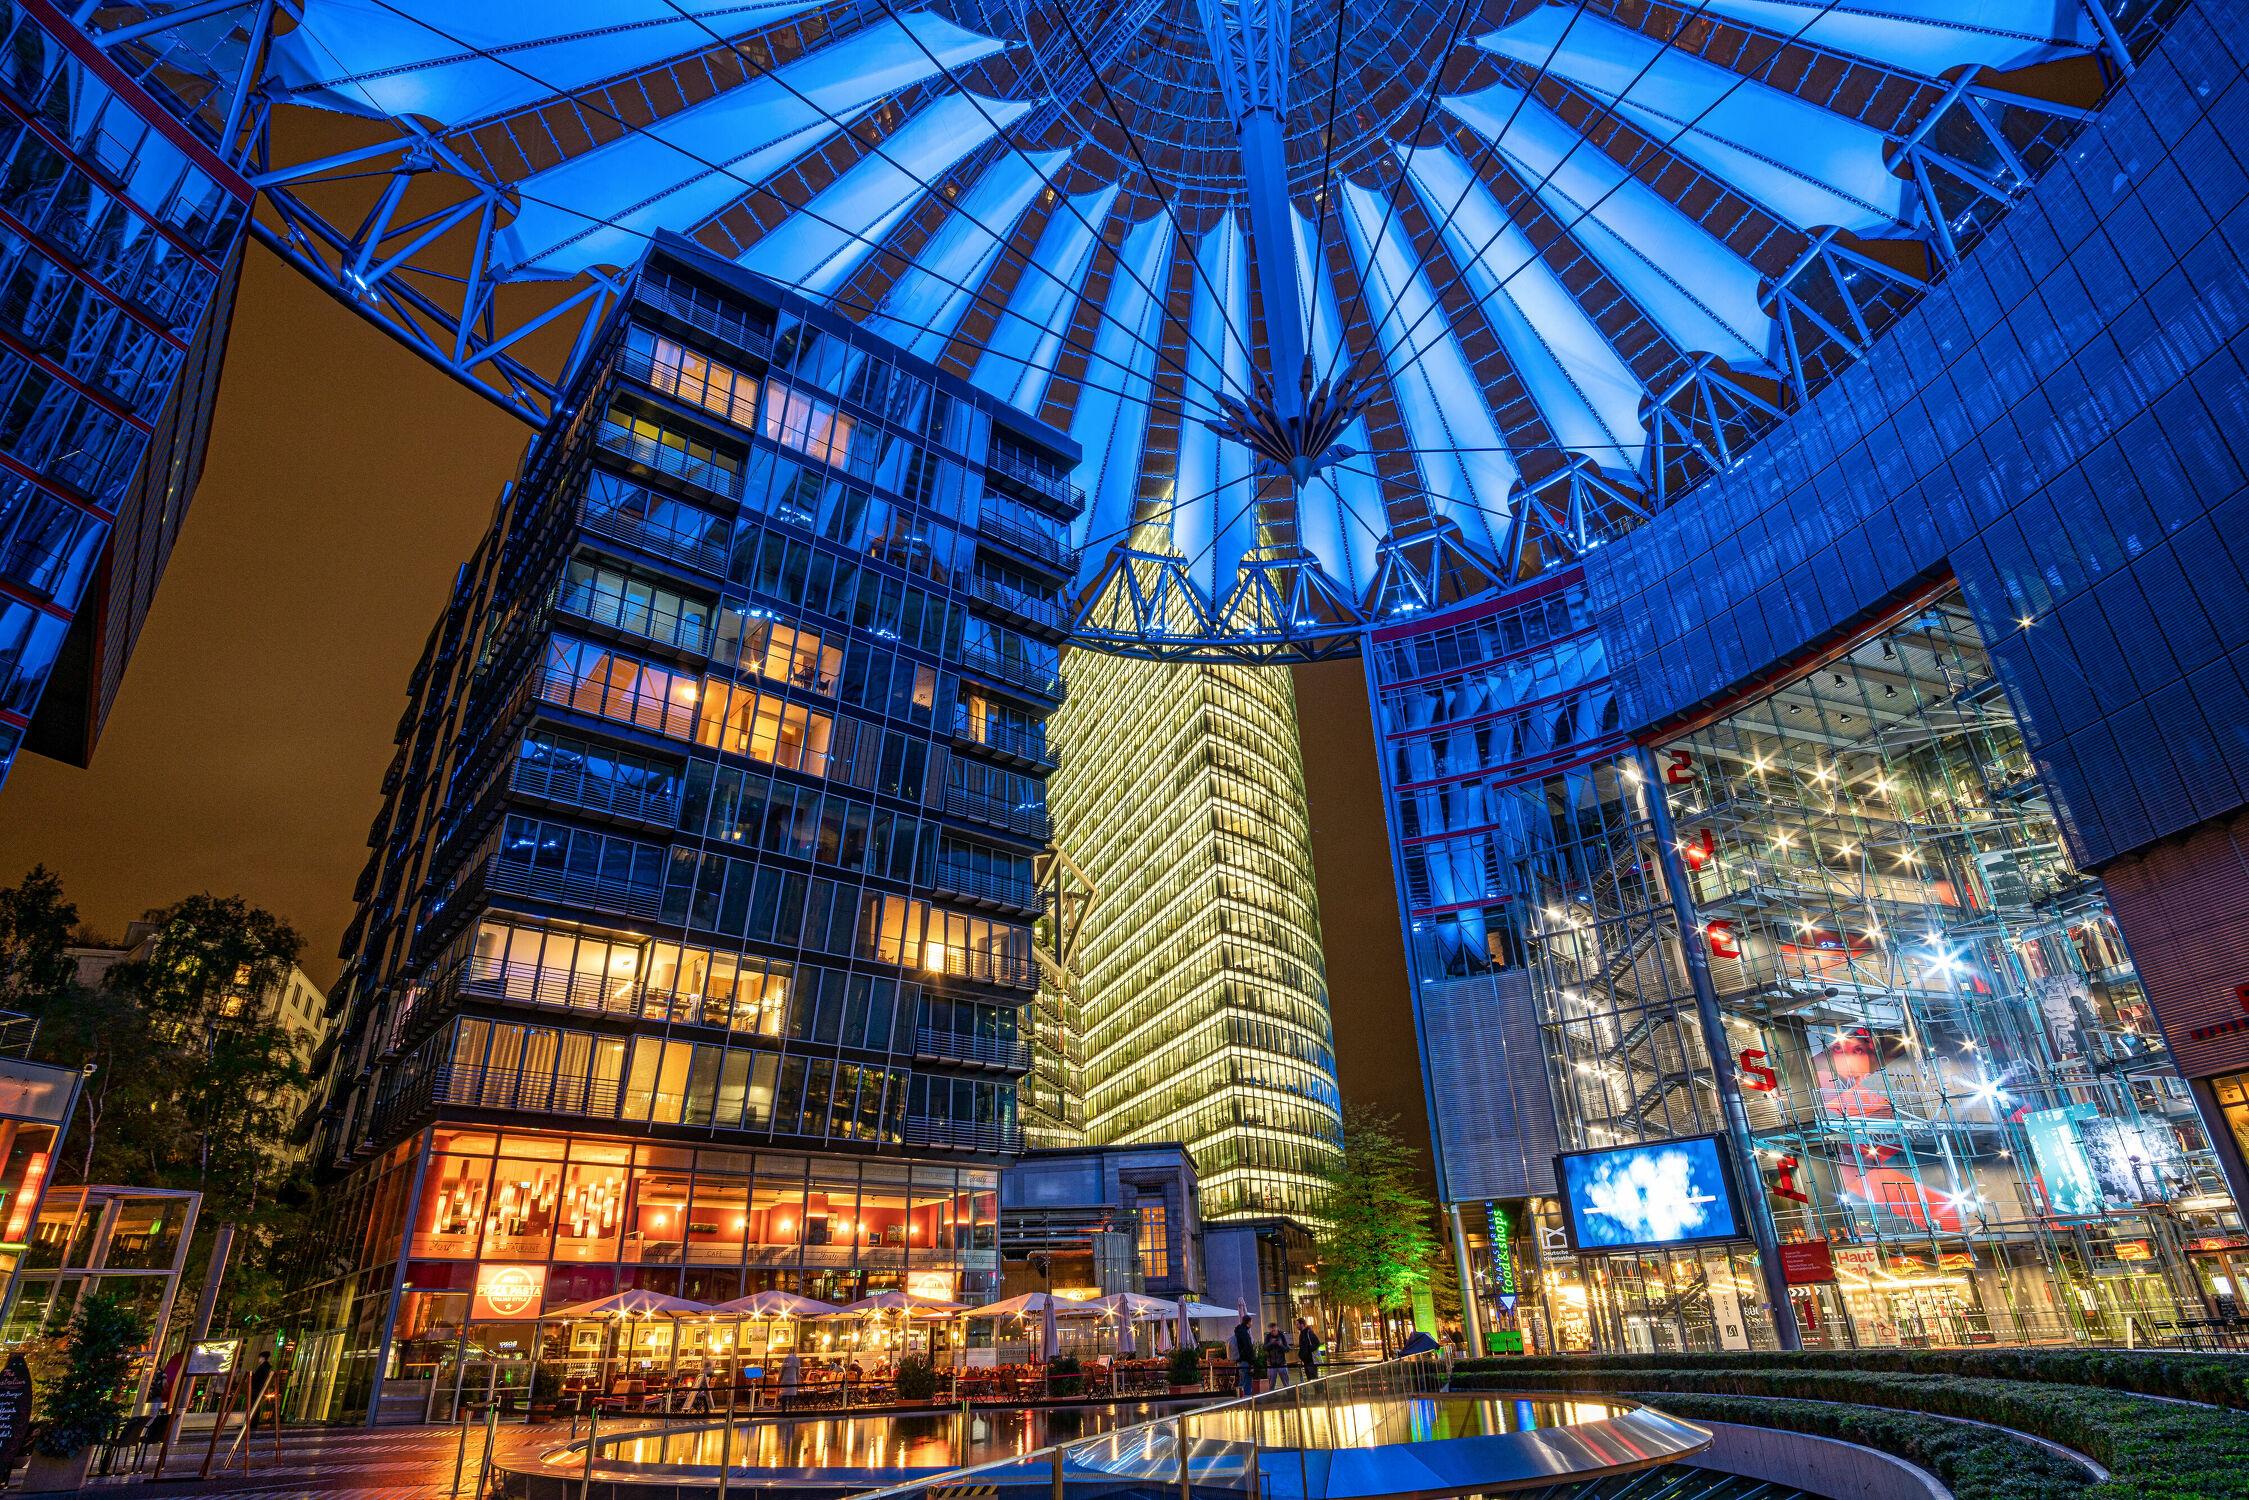 Bild mit Architektur, Blau, Berlin, Stadt, Licht, Bunt, Skylines & Hochhäuser, Nacht